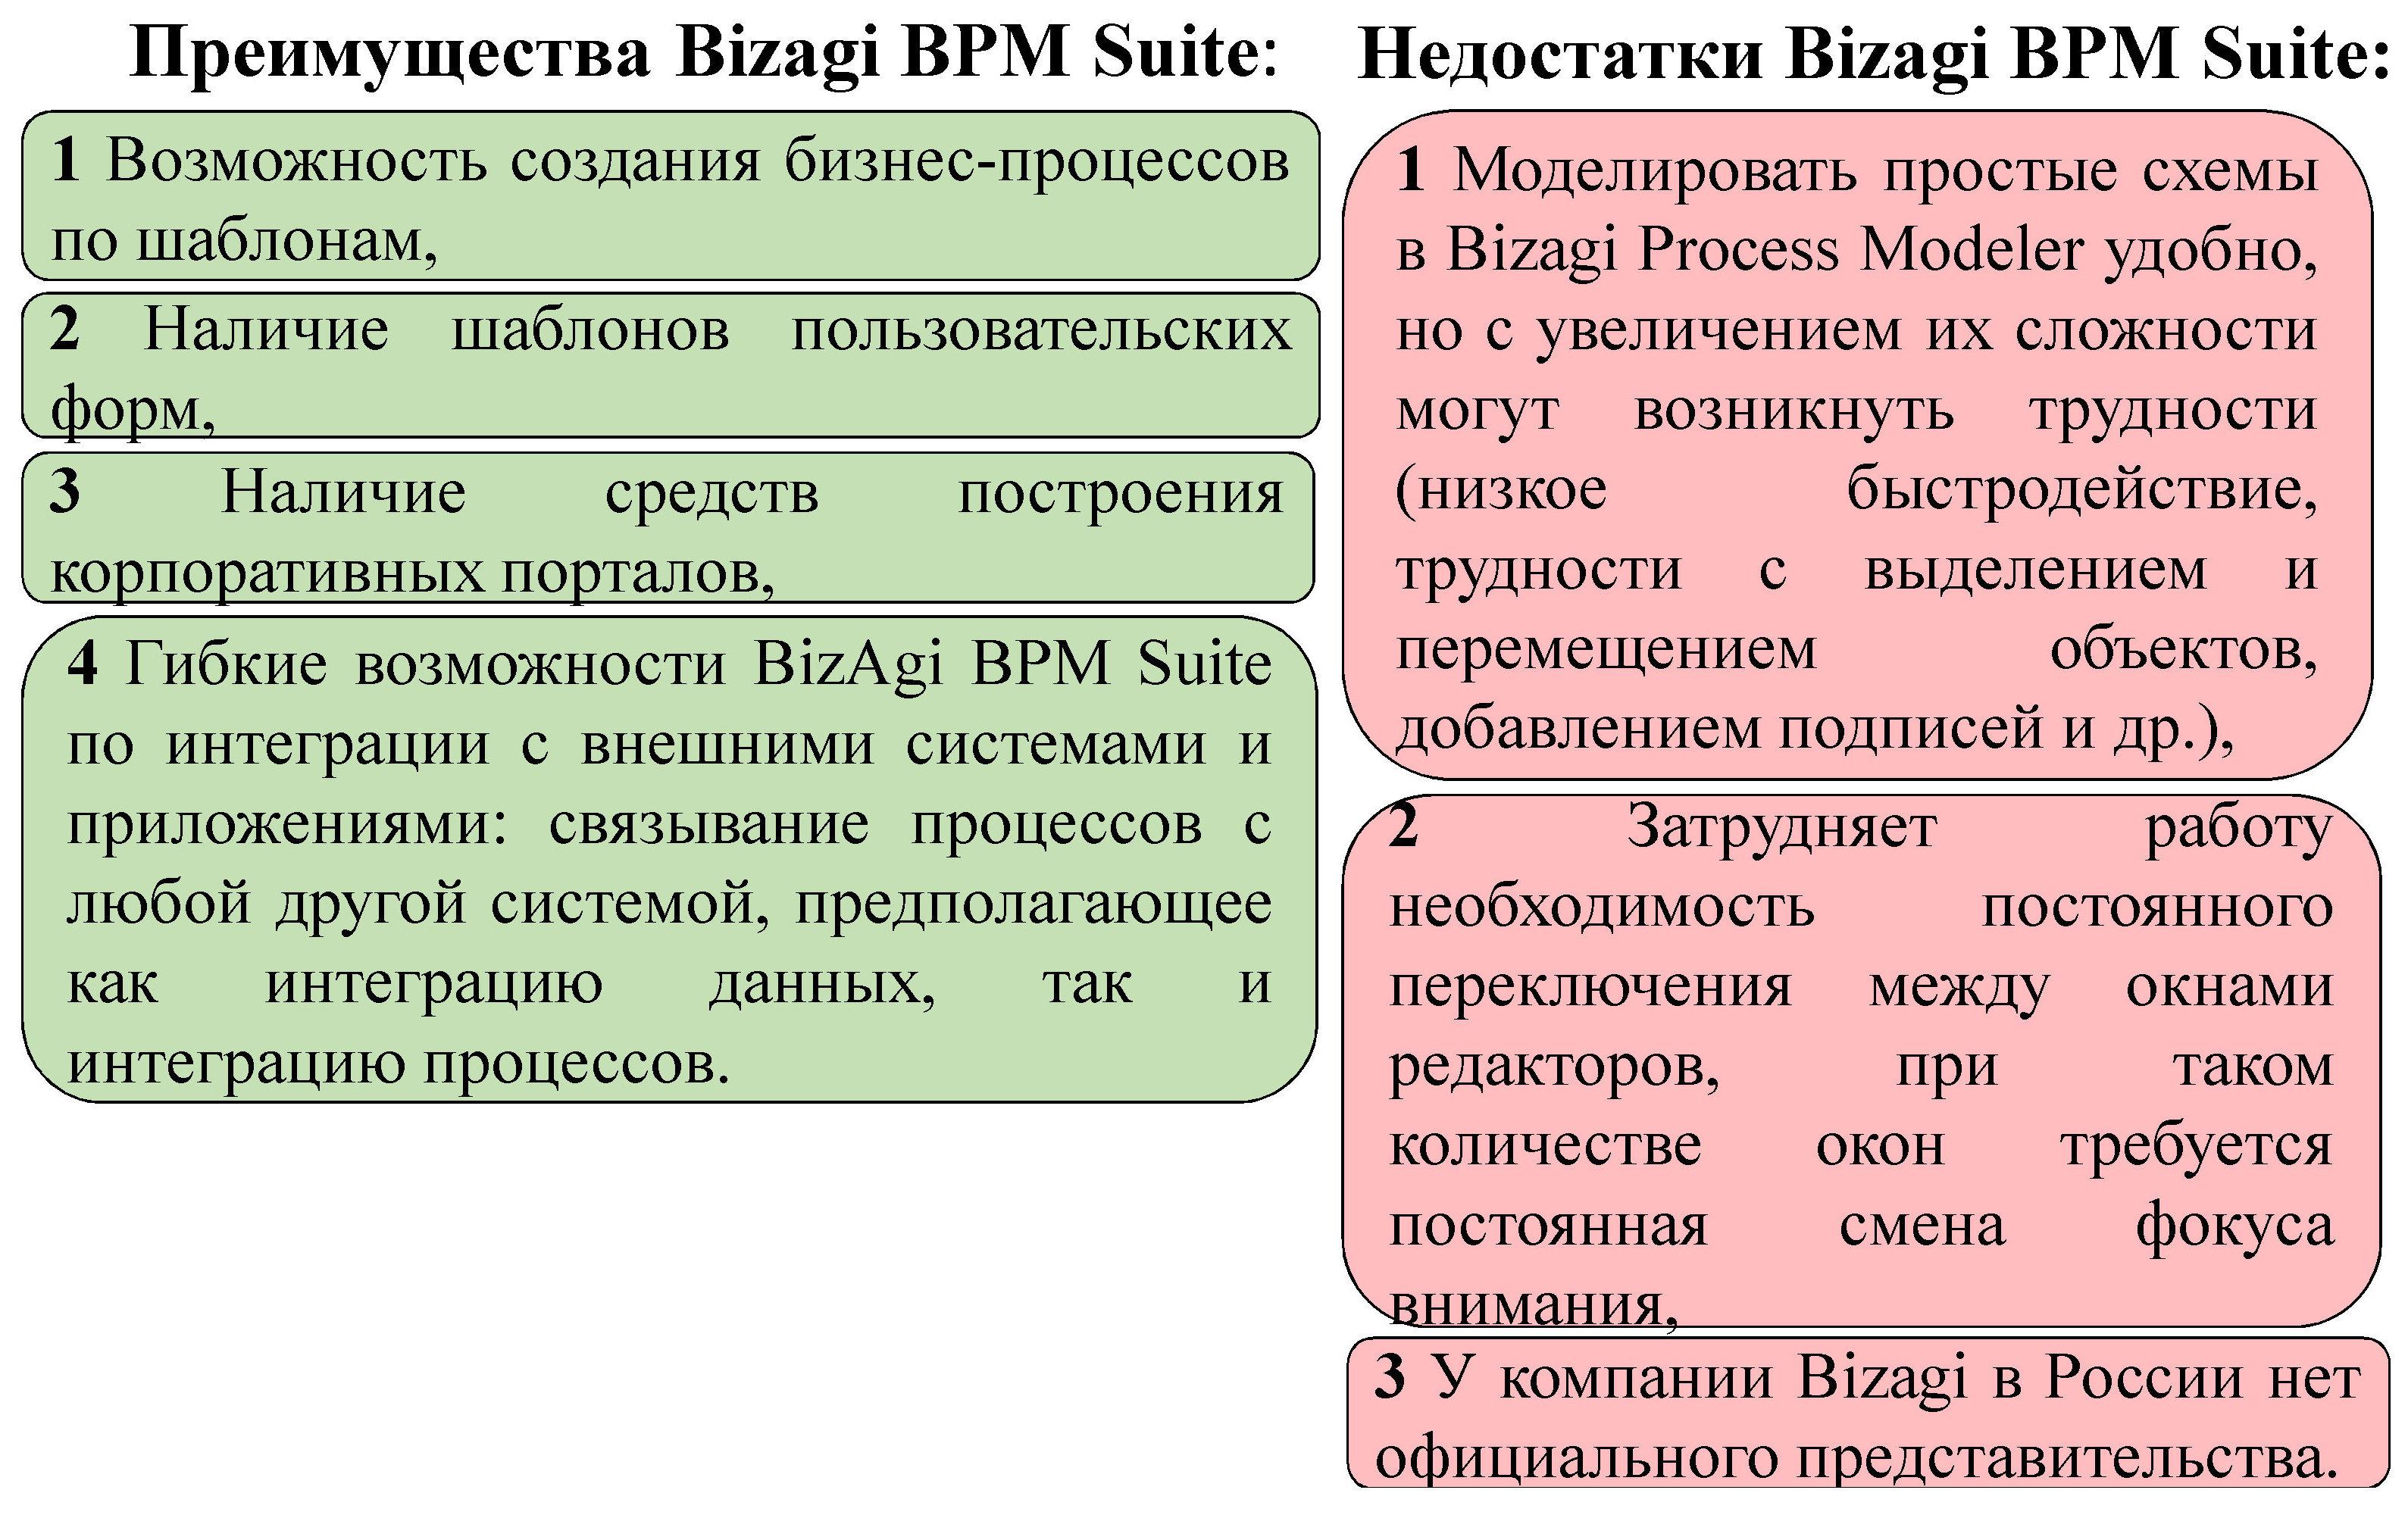 matematika-i-konstruirovanie-4-klass-volkova-otveti-gdz-stranitsa-41